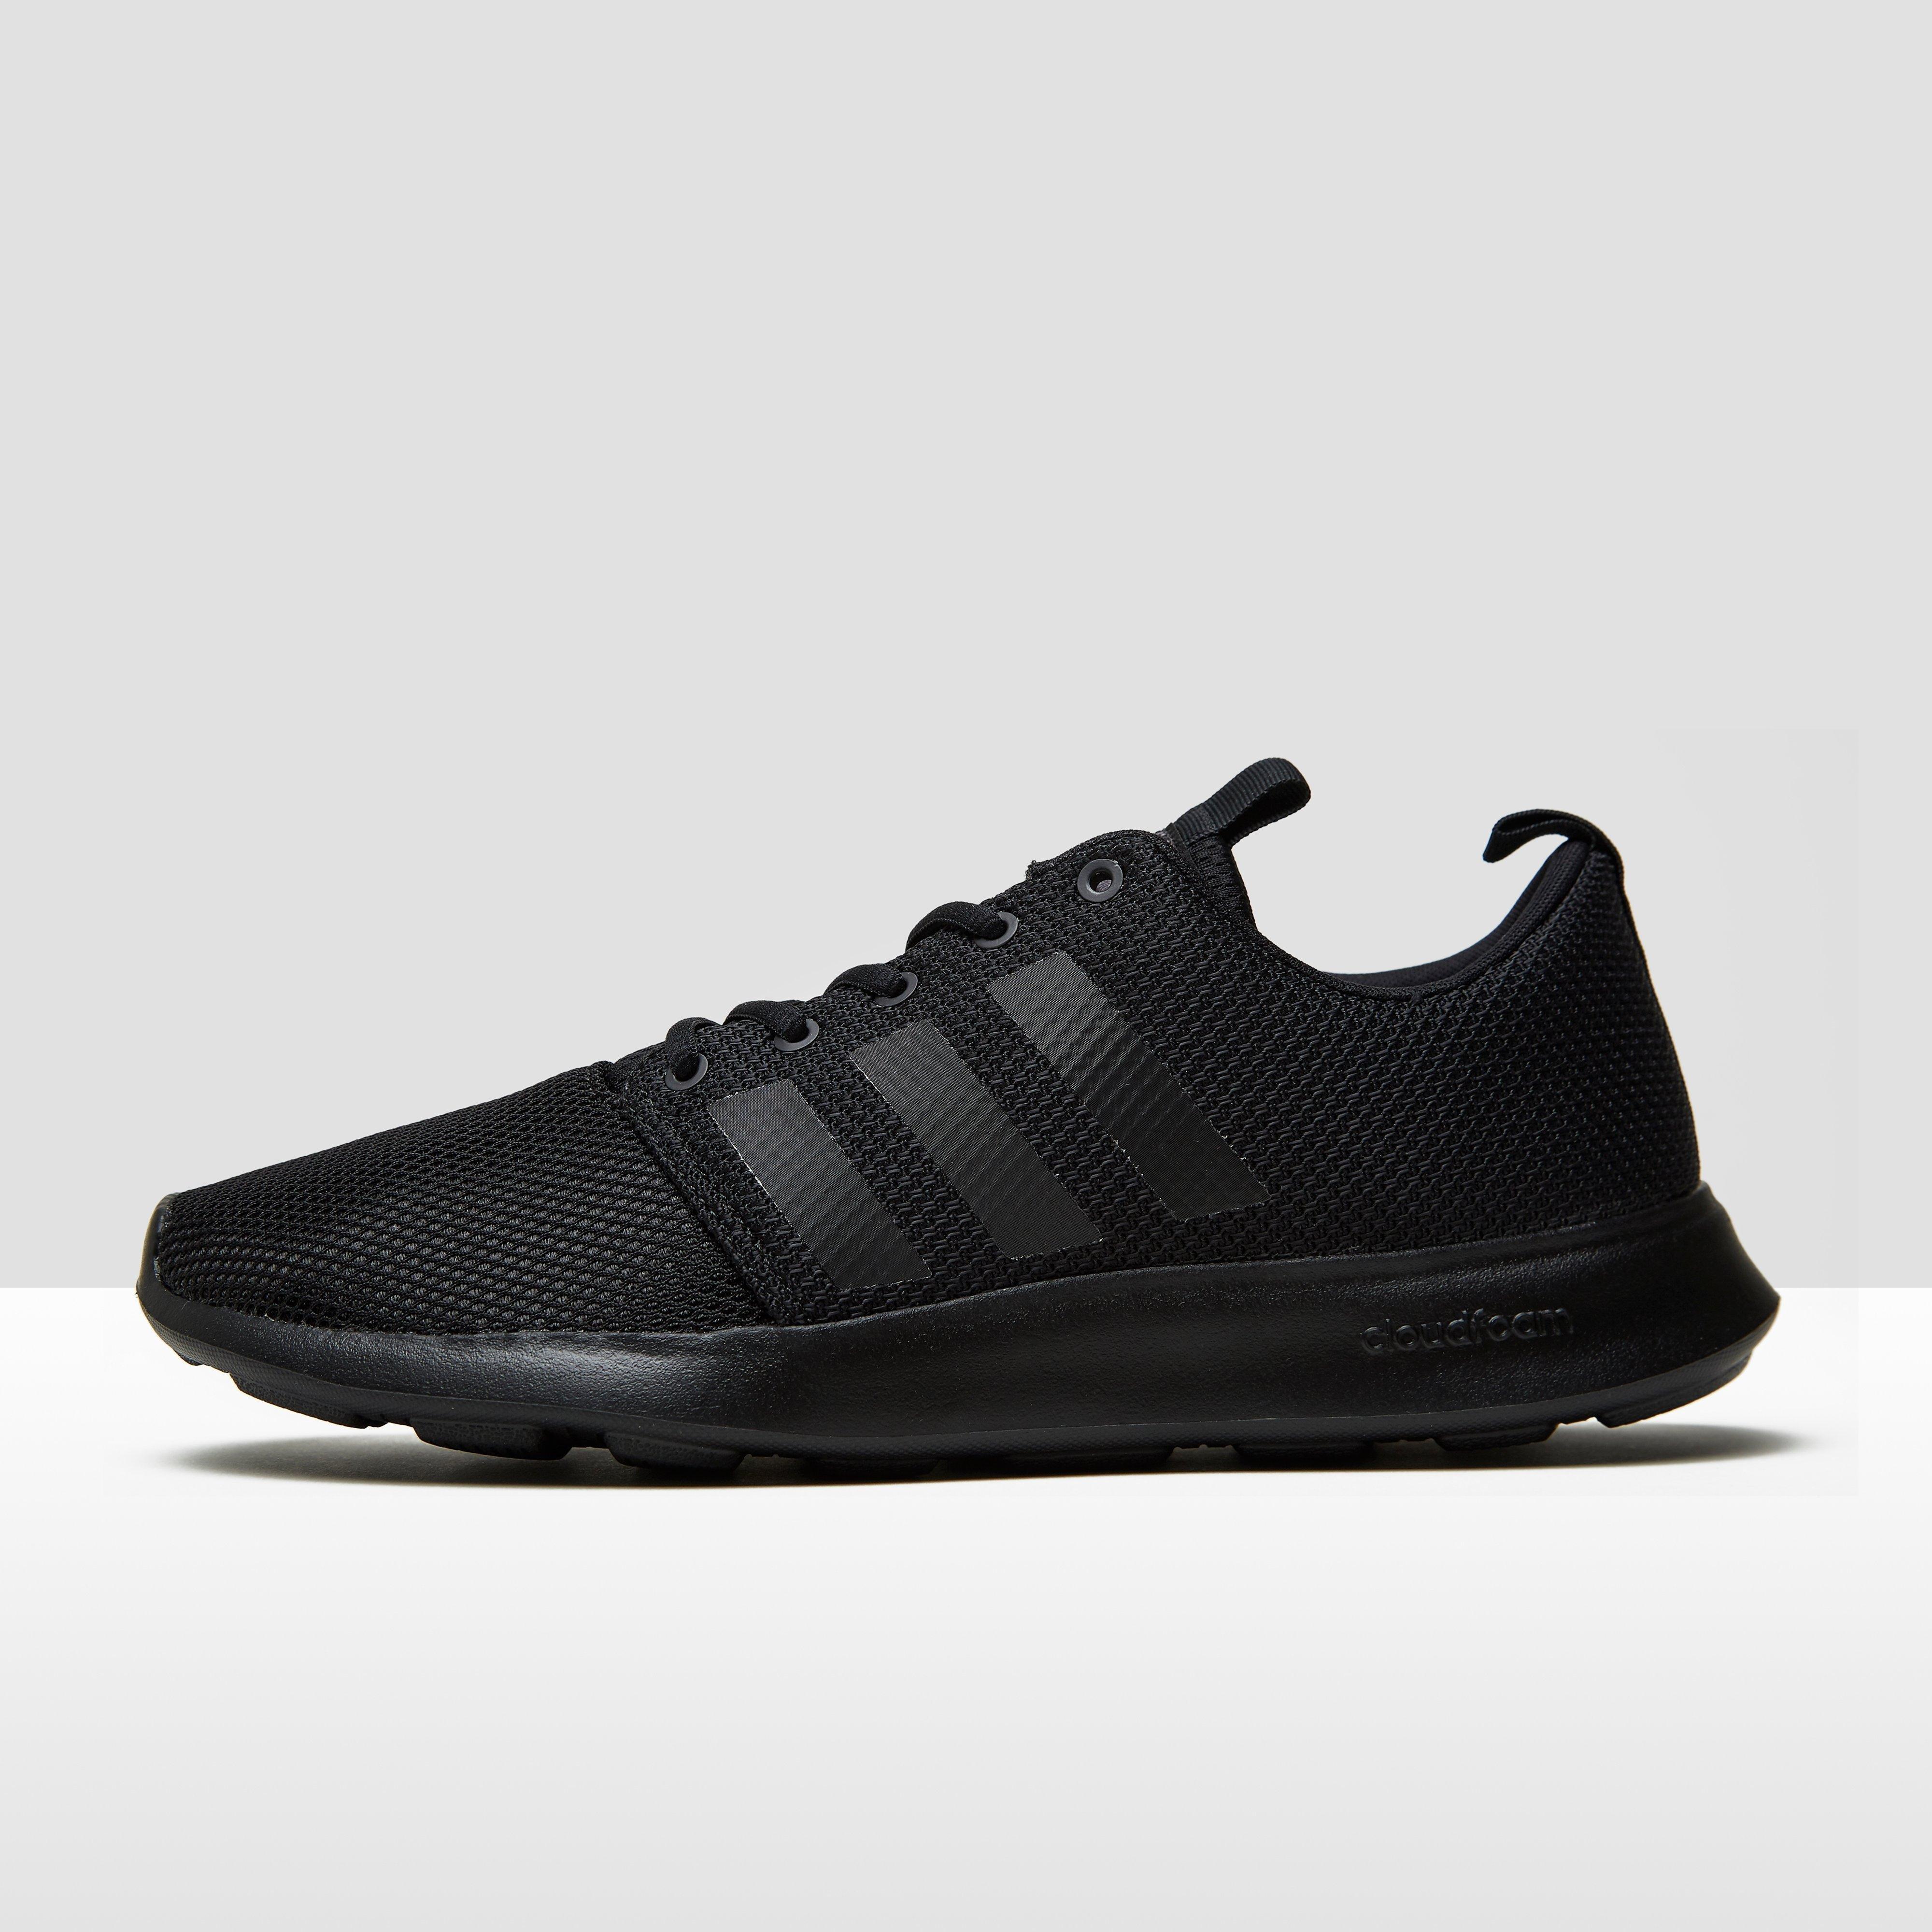 Chaussures Rapides De Mousse Nuage Adidas - Taille 44 2/3 - Hommes - Noir aGrgaX